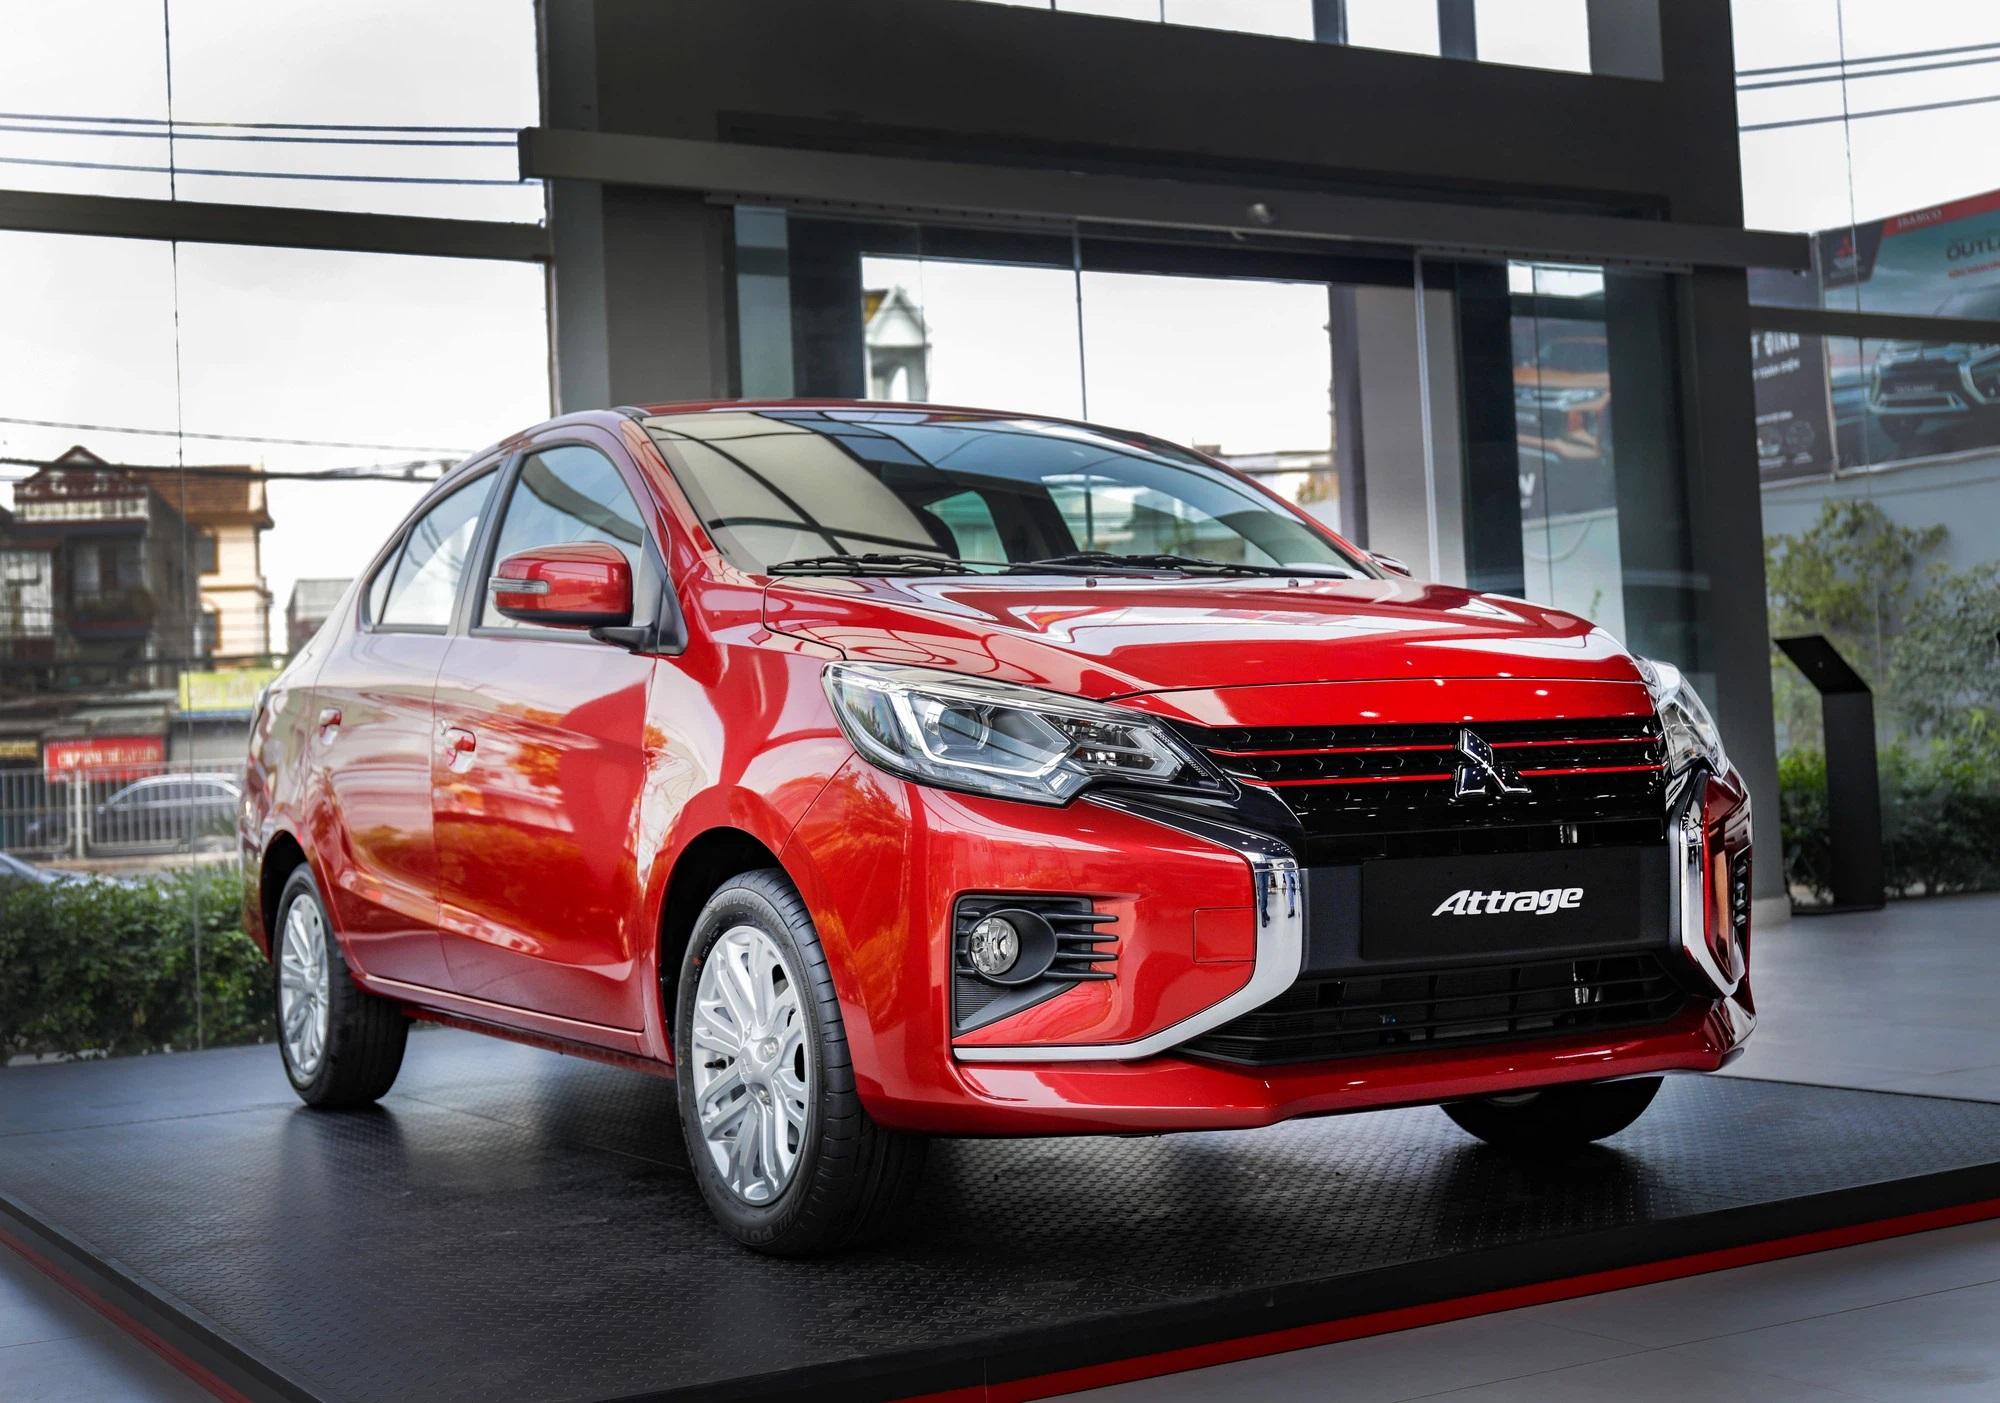 Mitsubishi Attrage bán kỷ lục hơn 1.000 xe/tháng, lọt top 10 xe bán chạy tại Việt Nam